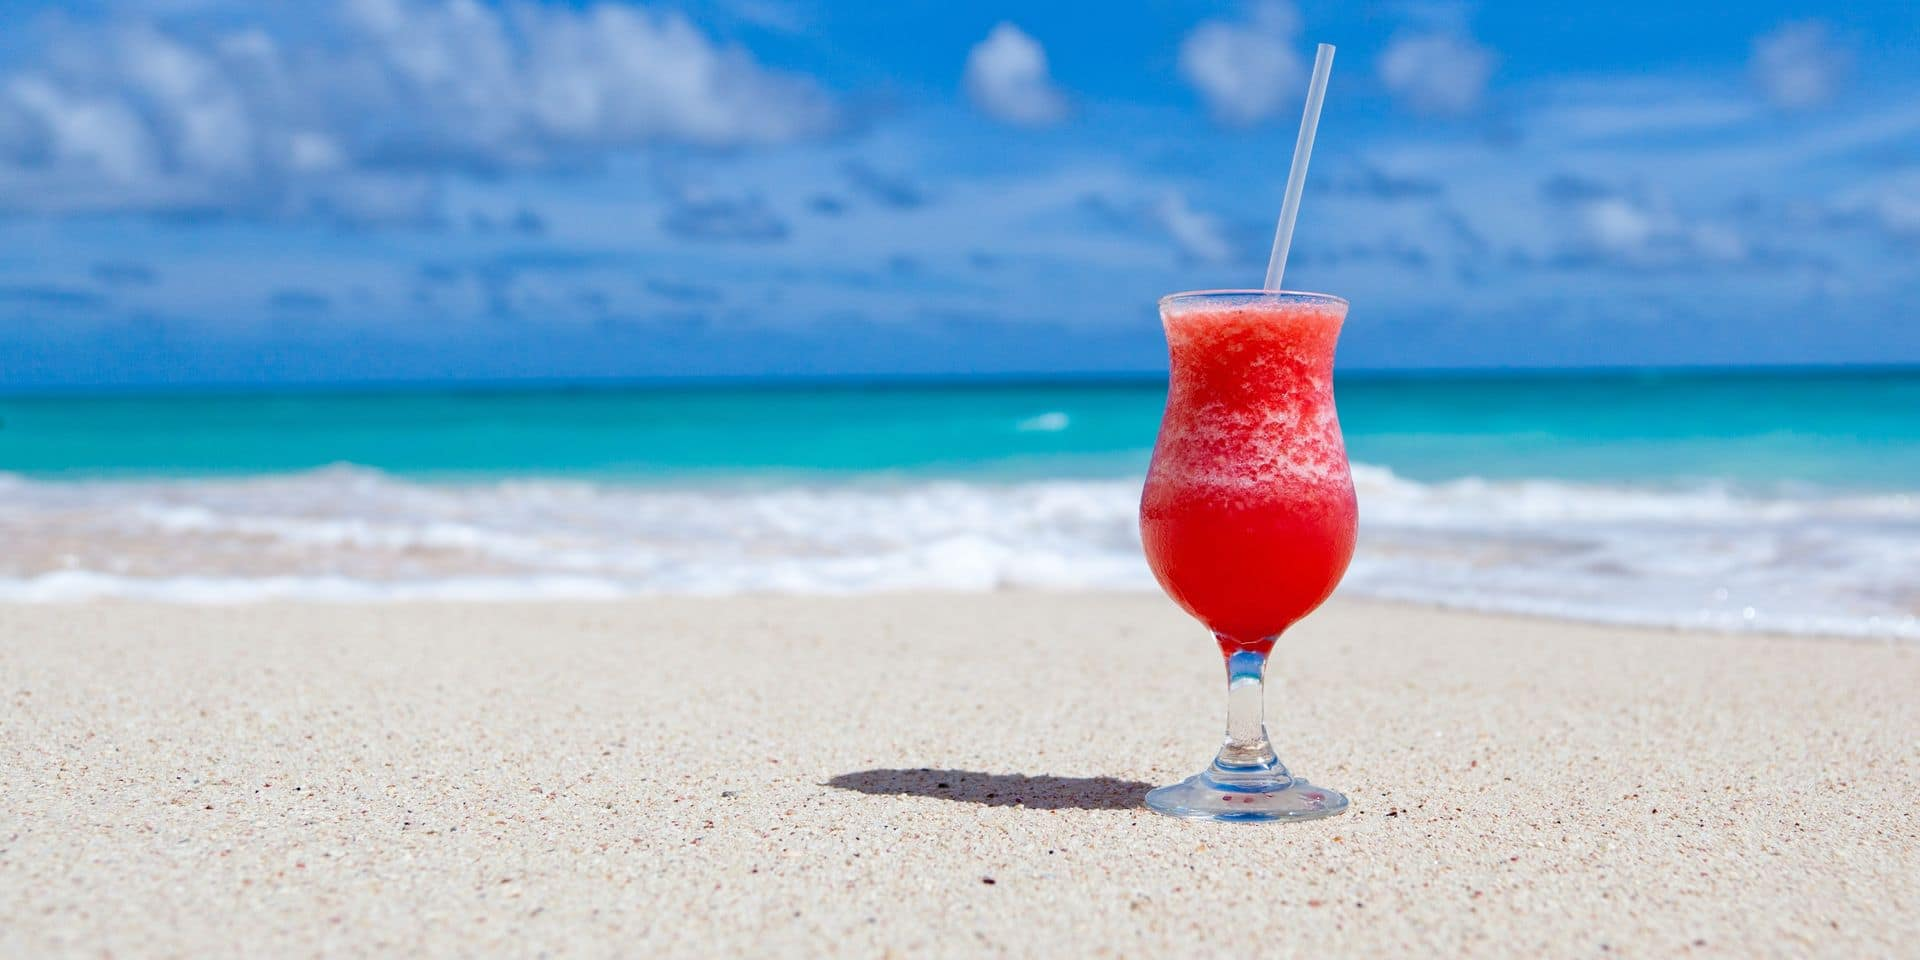 Pourquoi boire de l'alcool en plein soleil n'est pas une bonne idée